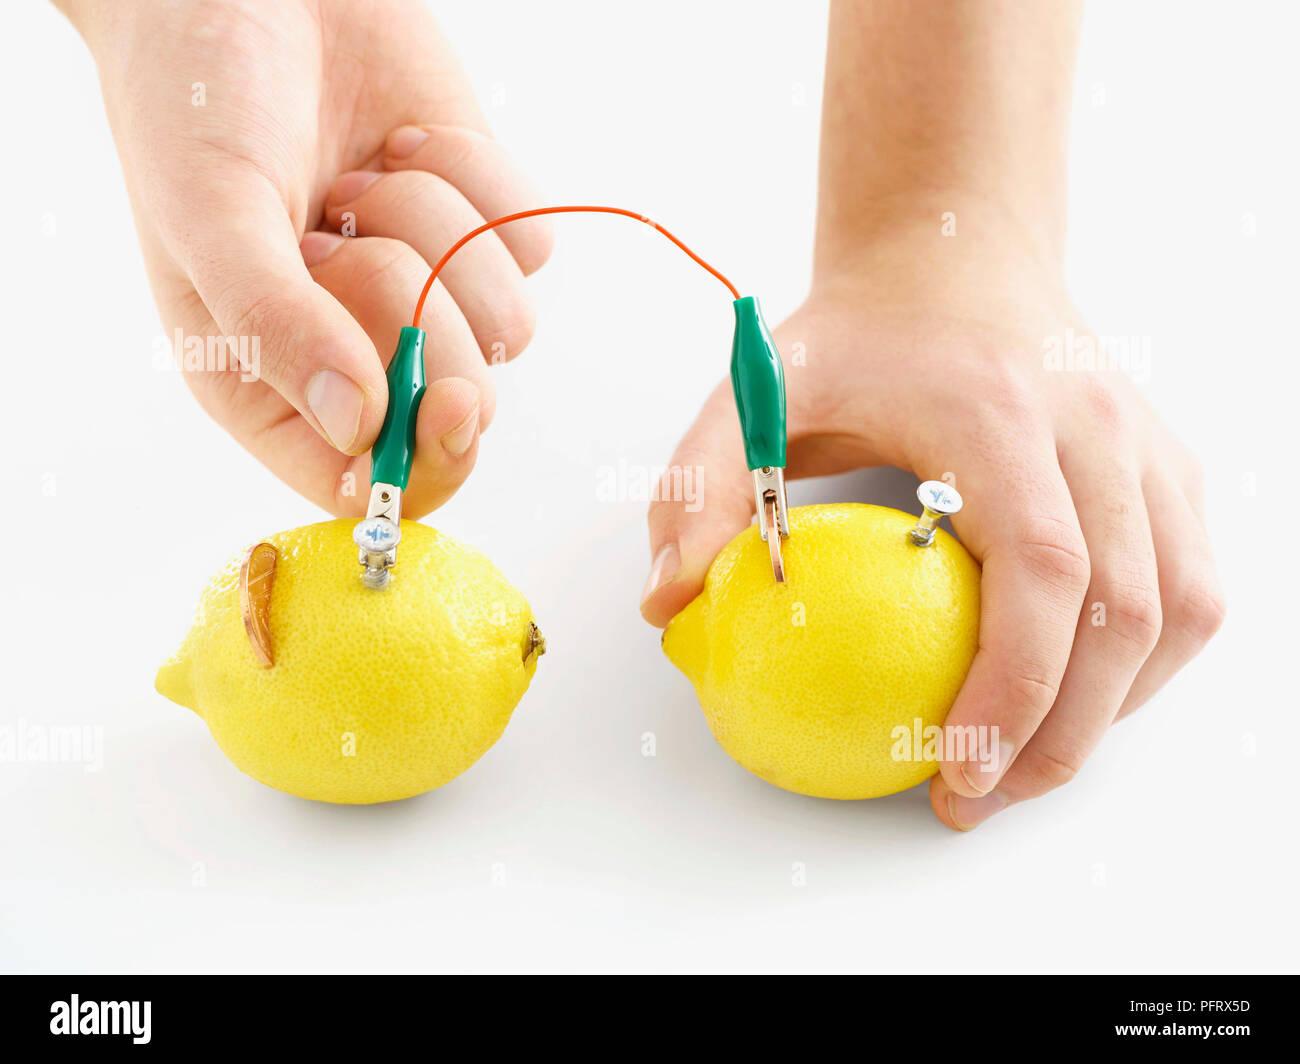 Batteria di limone esperimento Passo 3 di 6, unire due limoni con una clip a coccodrillo Immagini Stock